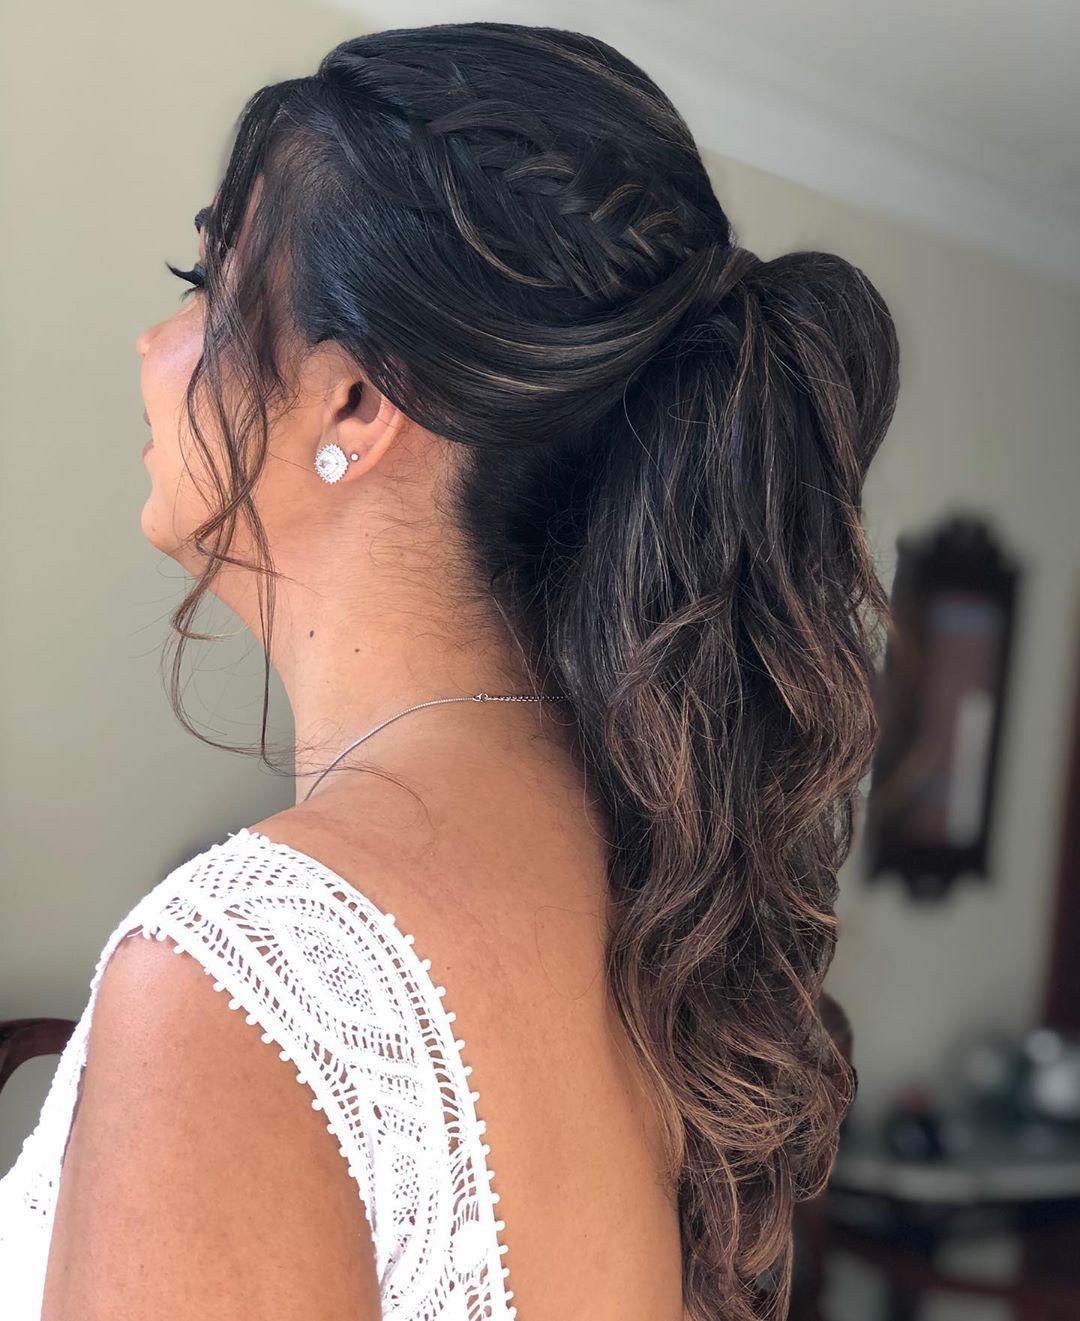 penteado de noiva rabo de cavalo